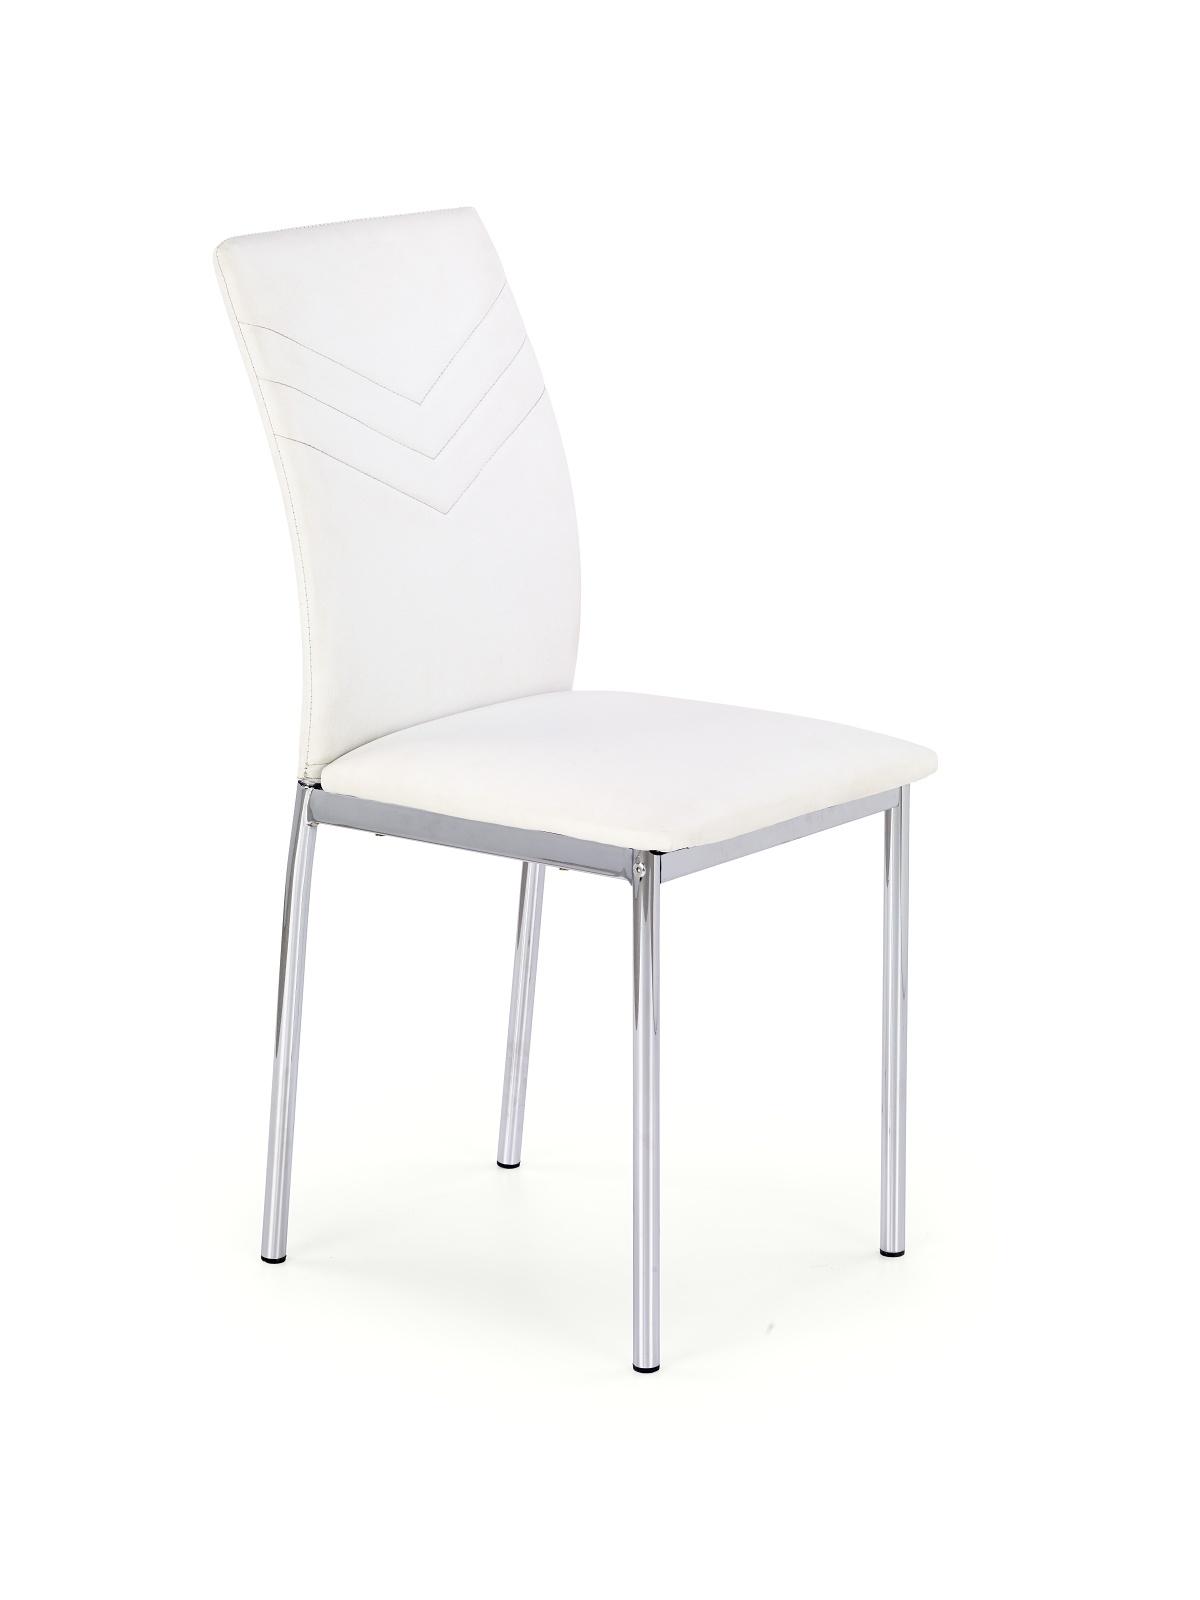 Jedálenská stolička - Halmar - K137 biela